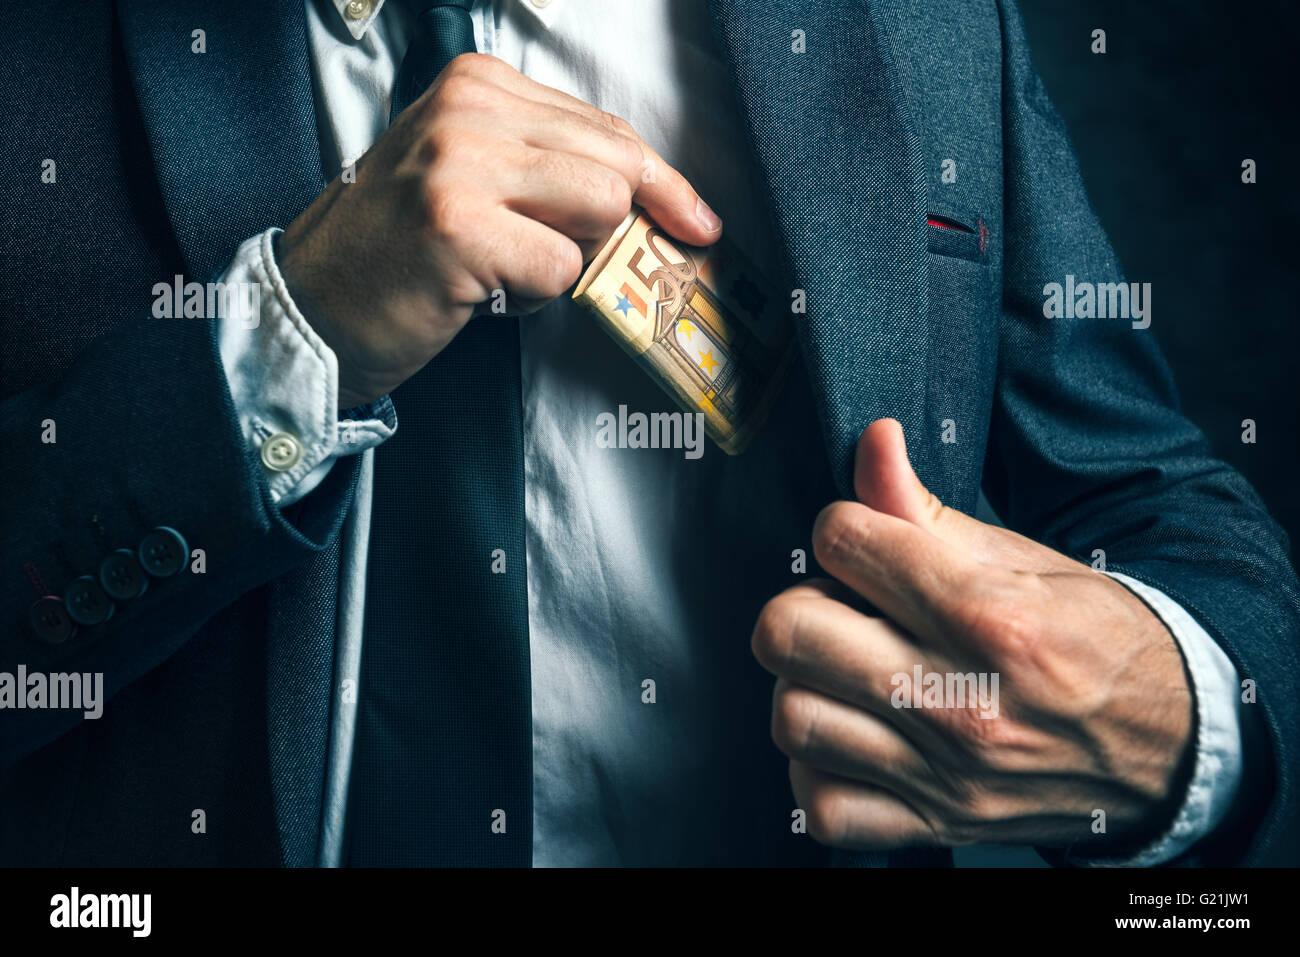 Dinero en el bolsillo, empresario poniendo billetes en traje de bolsillo, sobornar y corrupution concepto. Imagen De Stock